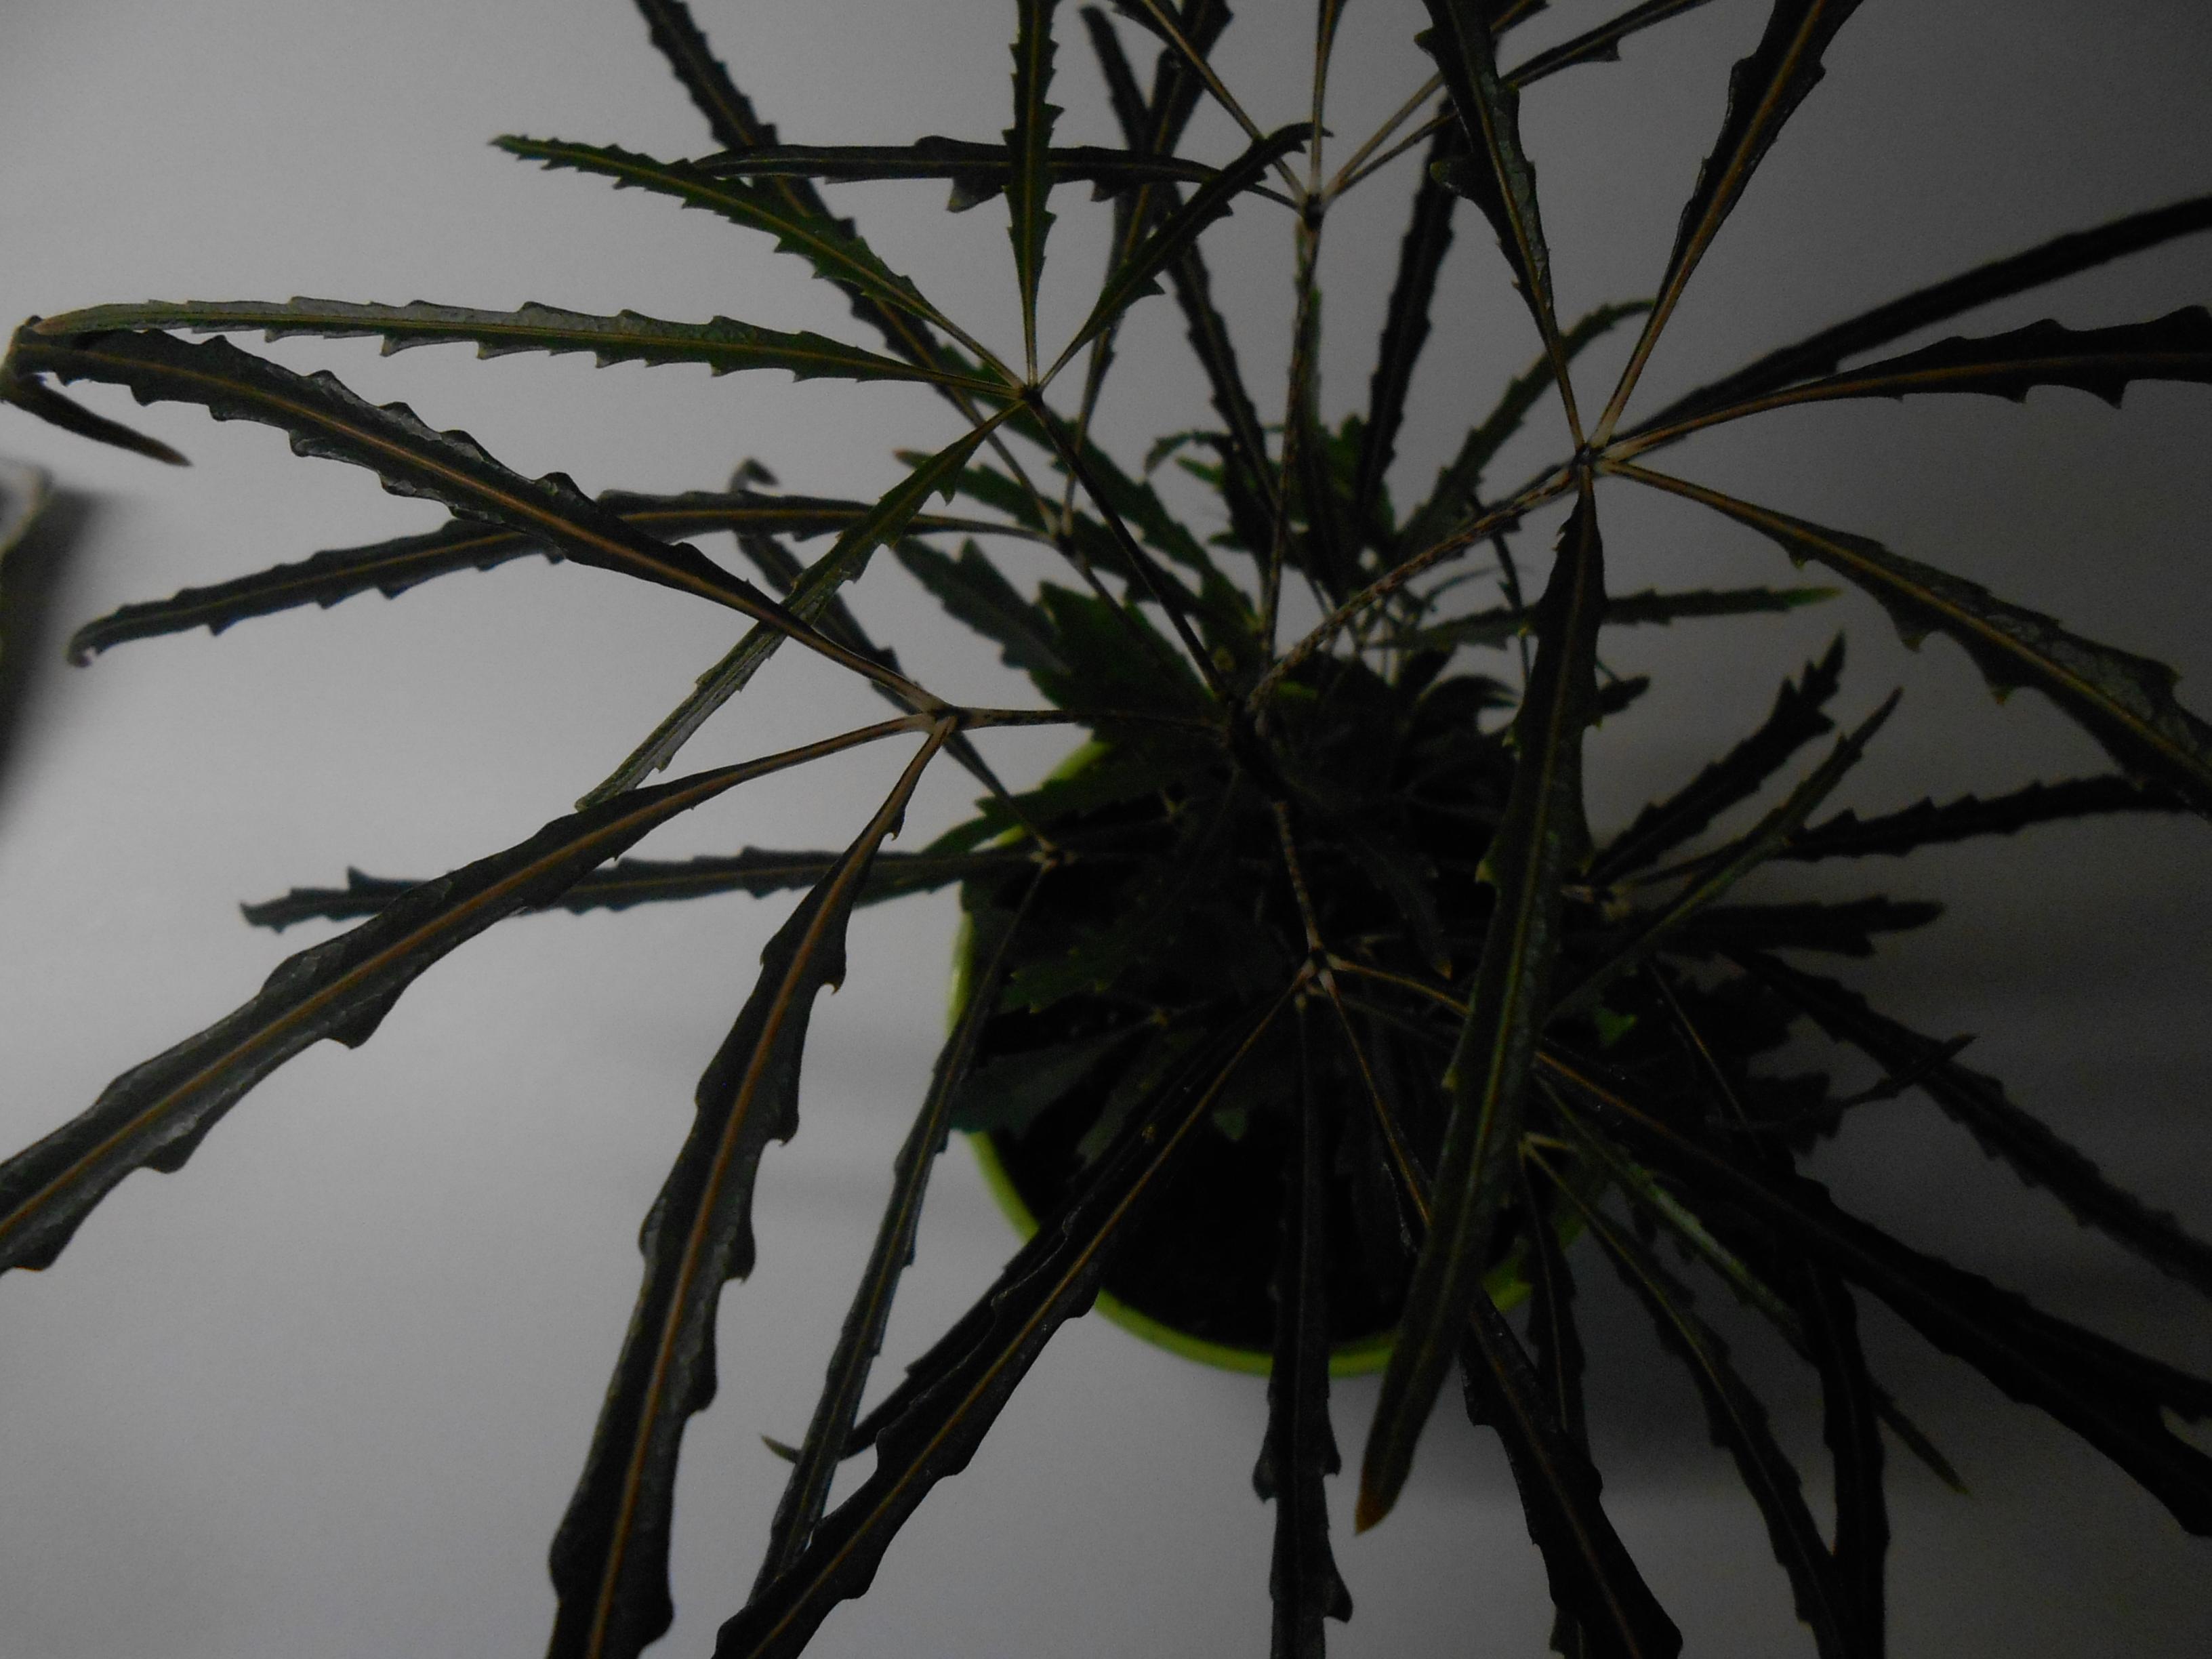 wei jemand wie diese palmen hnliche zimmerpflanze hei t. Black Bedroom Furniture Sets. Home Design Ideas